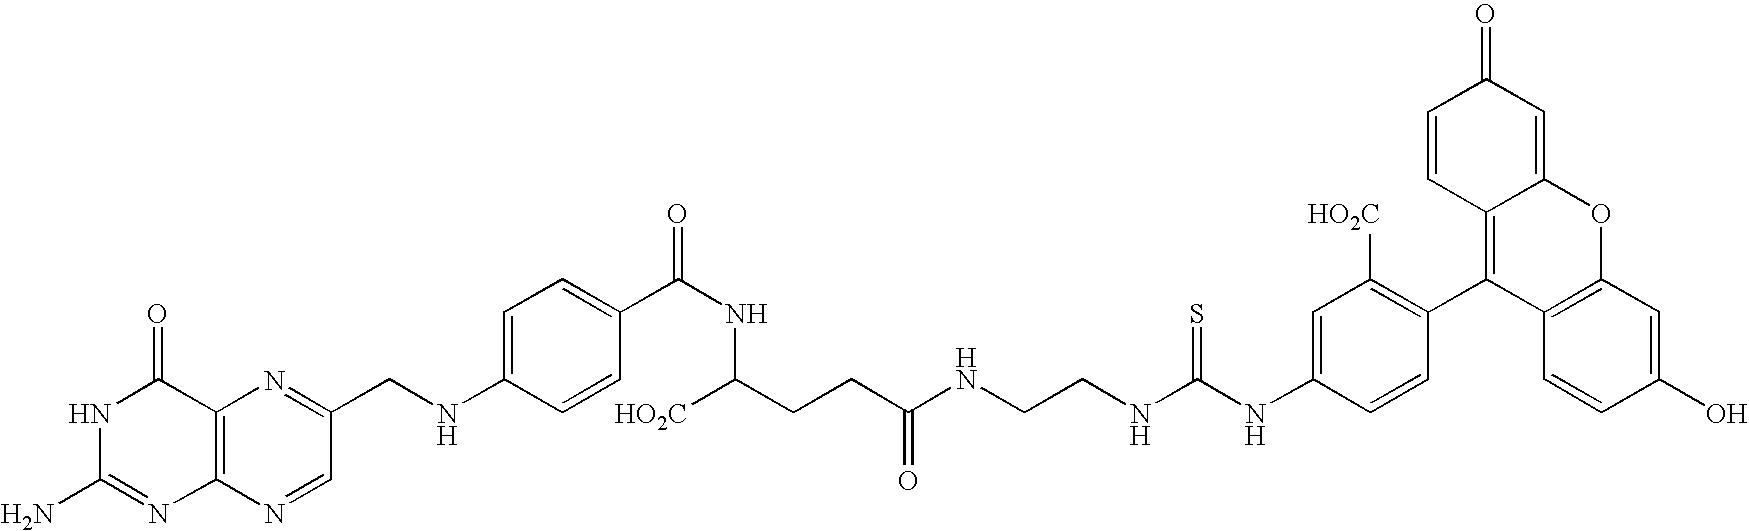 Figure US20100272675A1-20101028-C00007